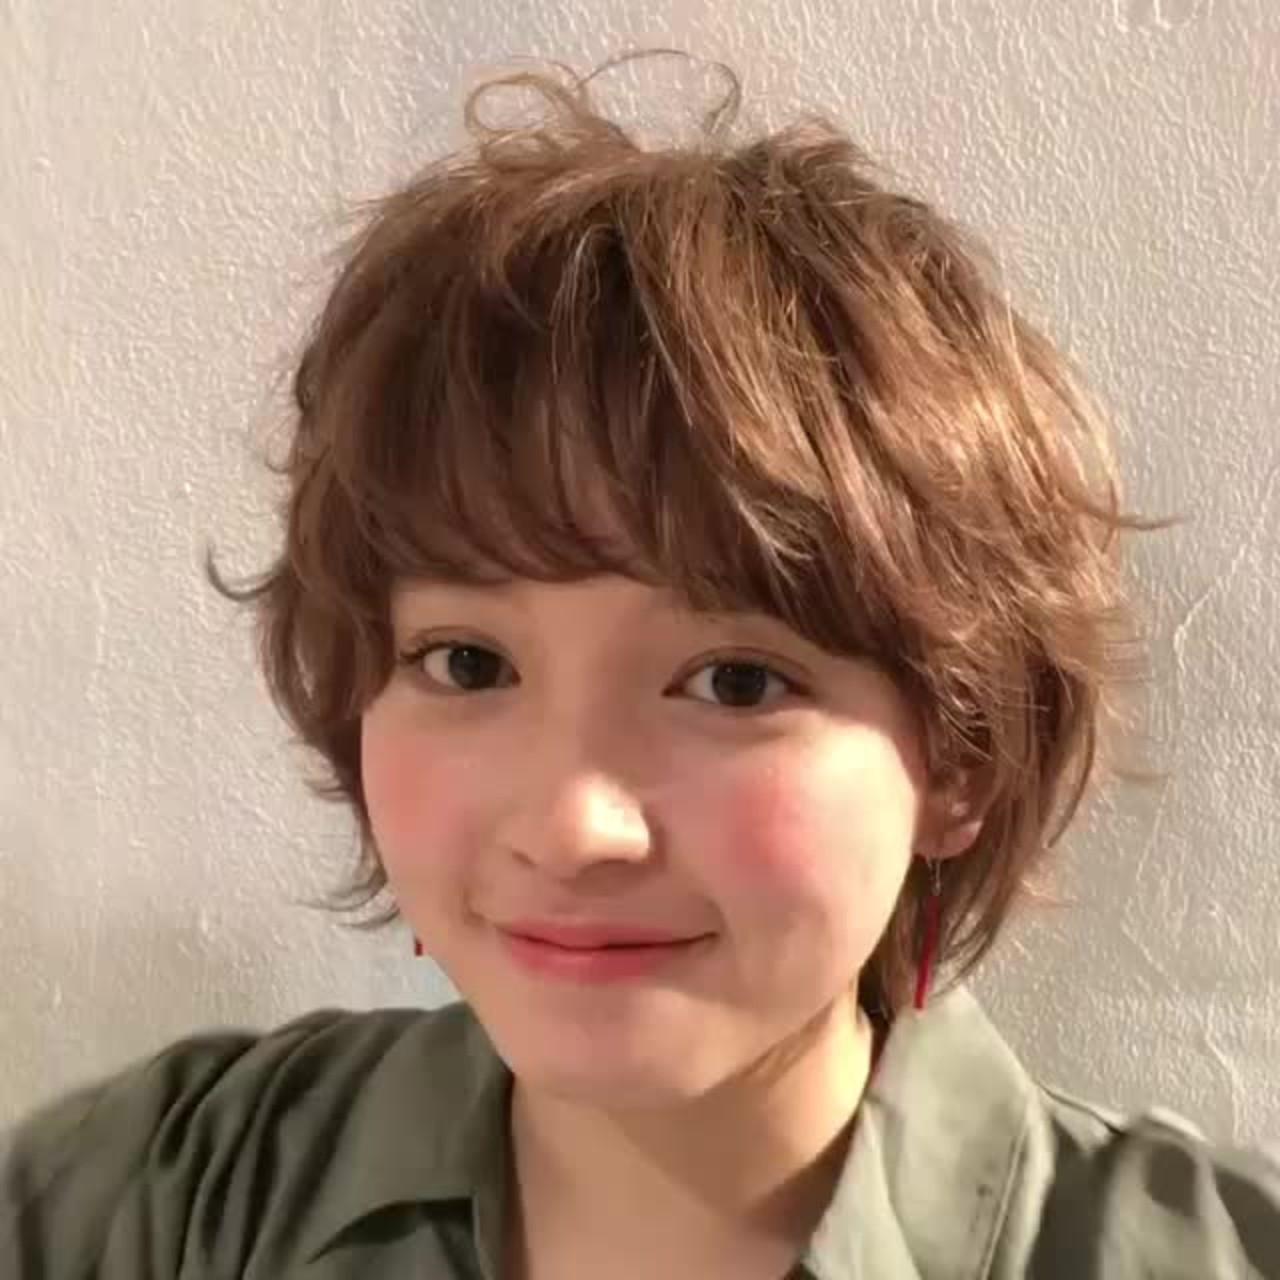 シナモンベージュの愛され系ボーイッシュヘア 伊藤愛子 GARDEN